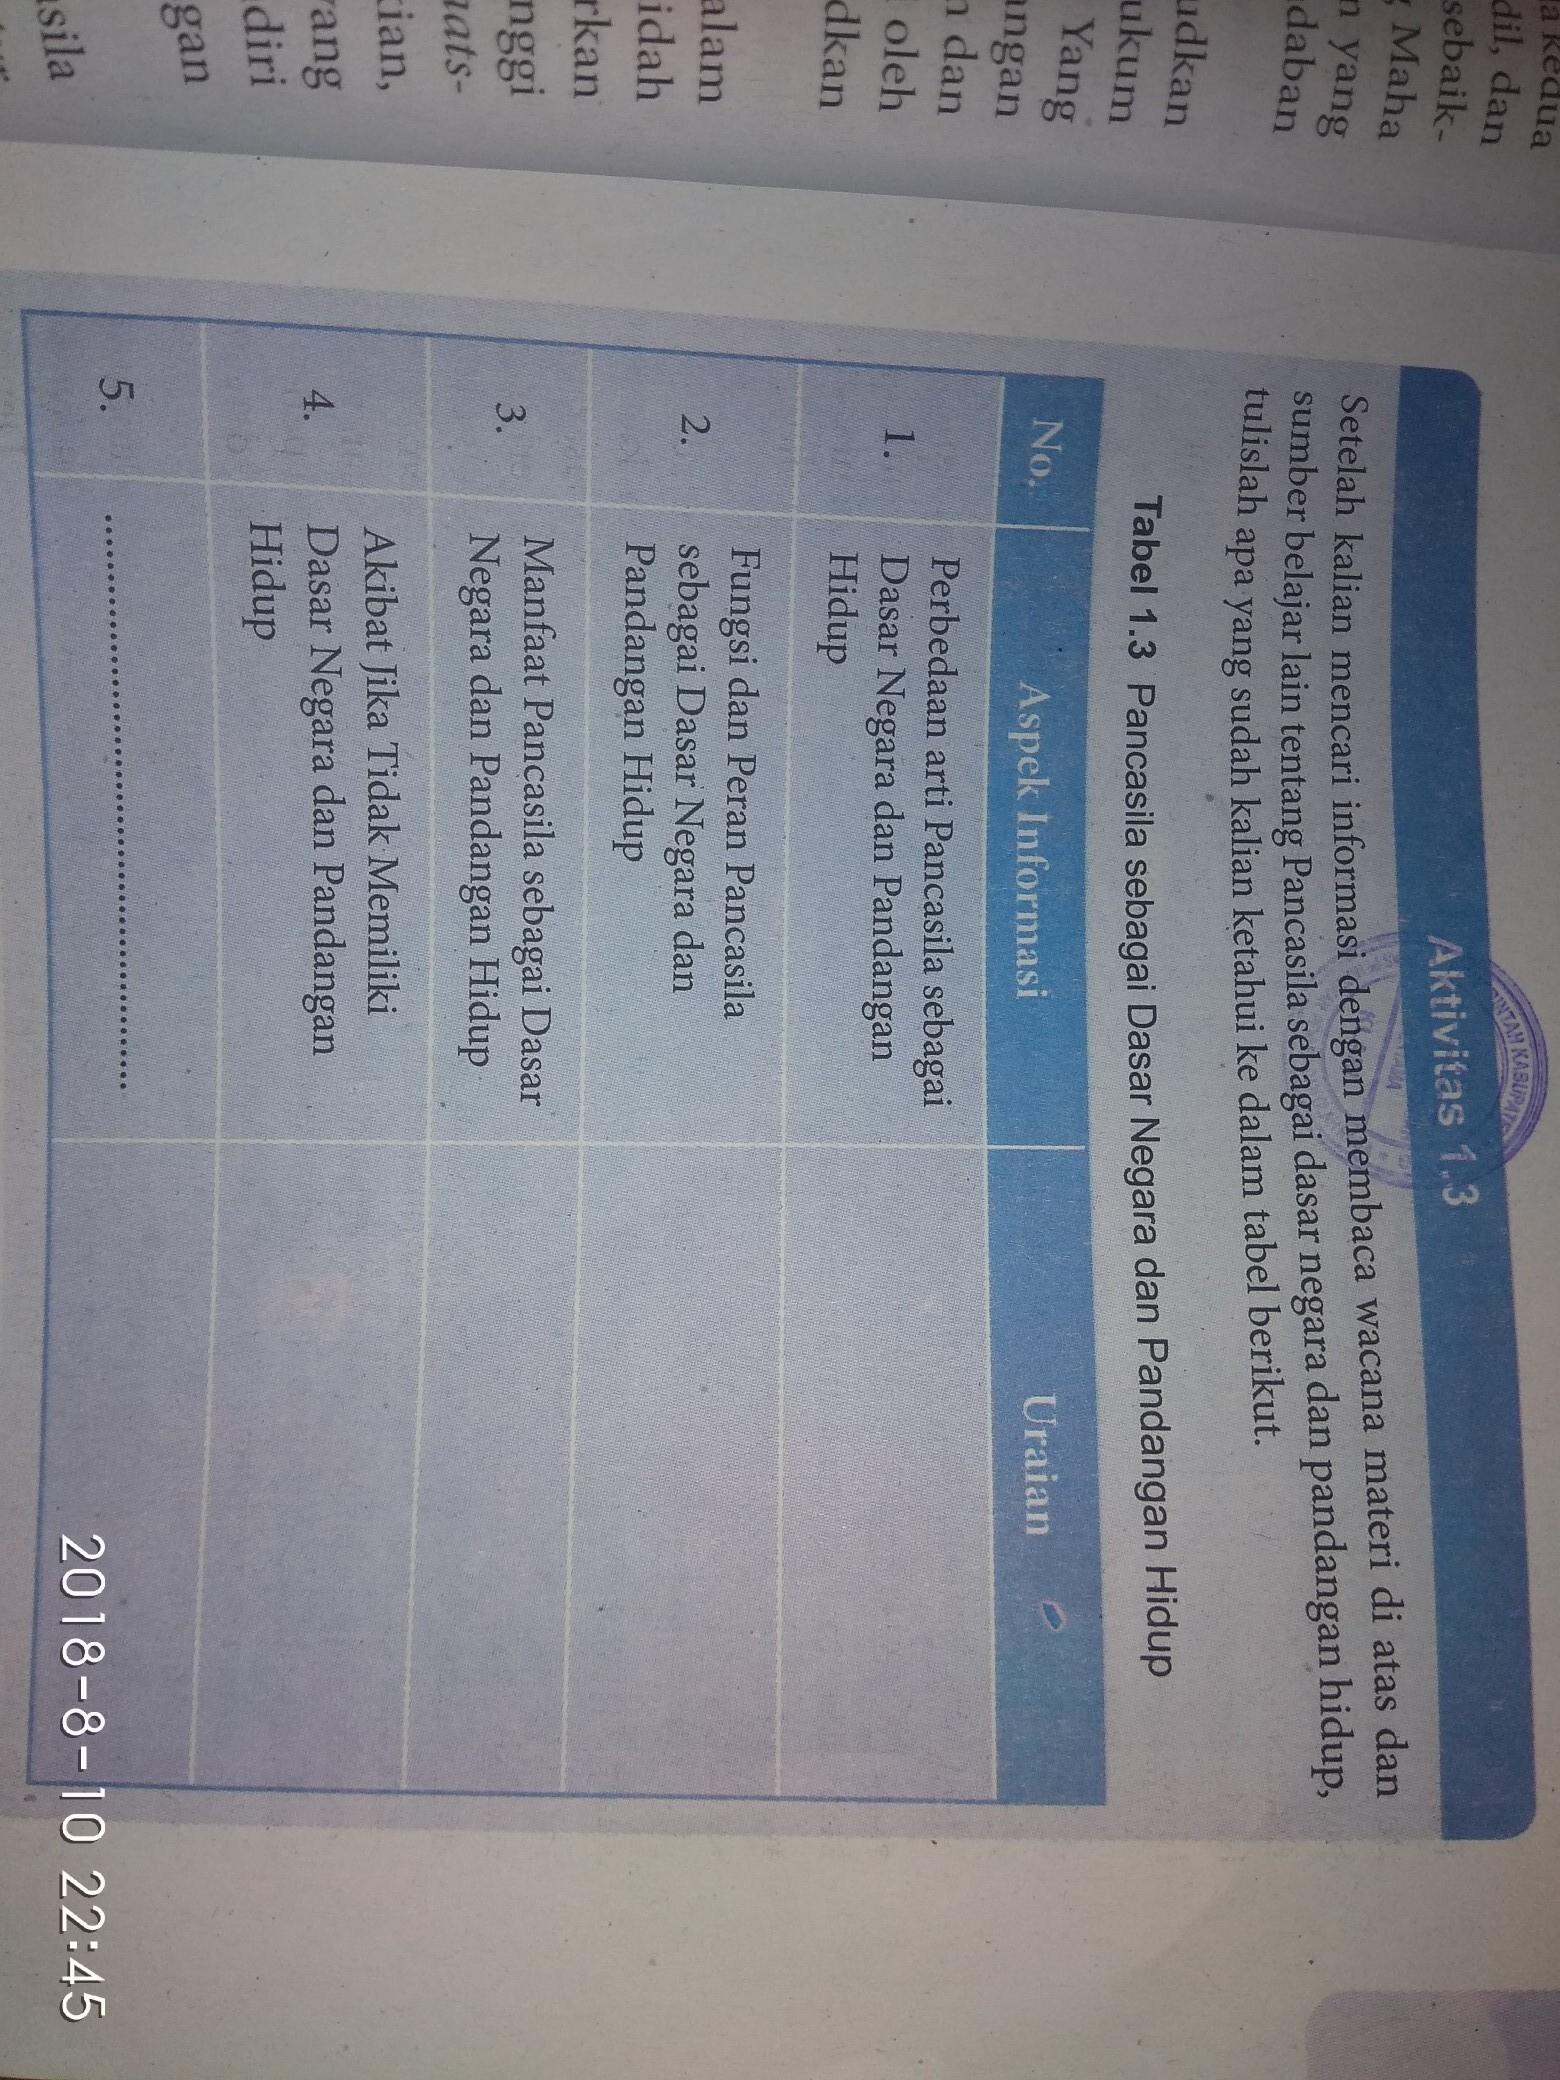 Perbedaan Arti Pancasila Sebagai Dasar Negara Dan Pandangan Hidup : perbedaan, pancasila, sebagai, dasar, negara, pandangan, hidup, 1.perbedaan, Pancasila, Sebagau, Dasar, Negara, Pandangan, Hidup2.fungsi, Peran, Brainly.co.id